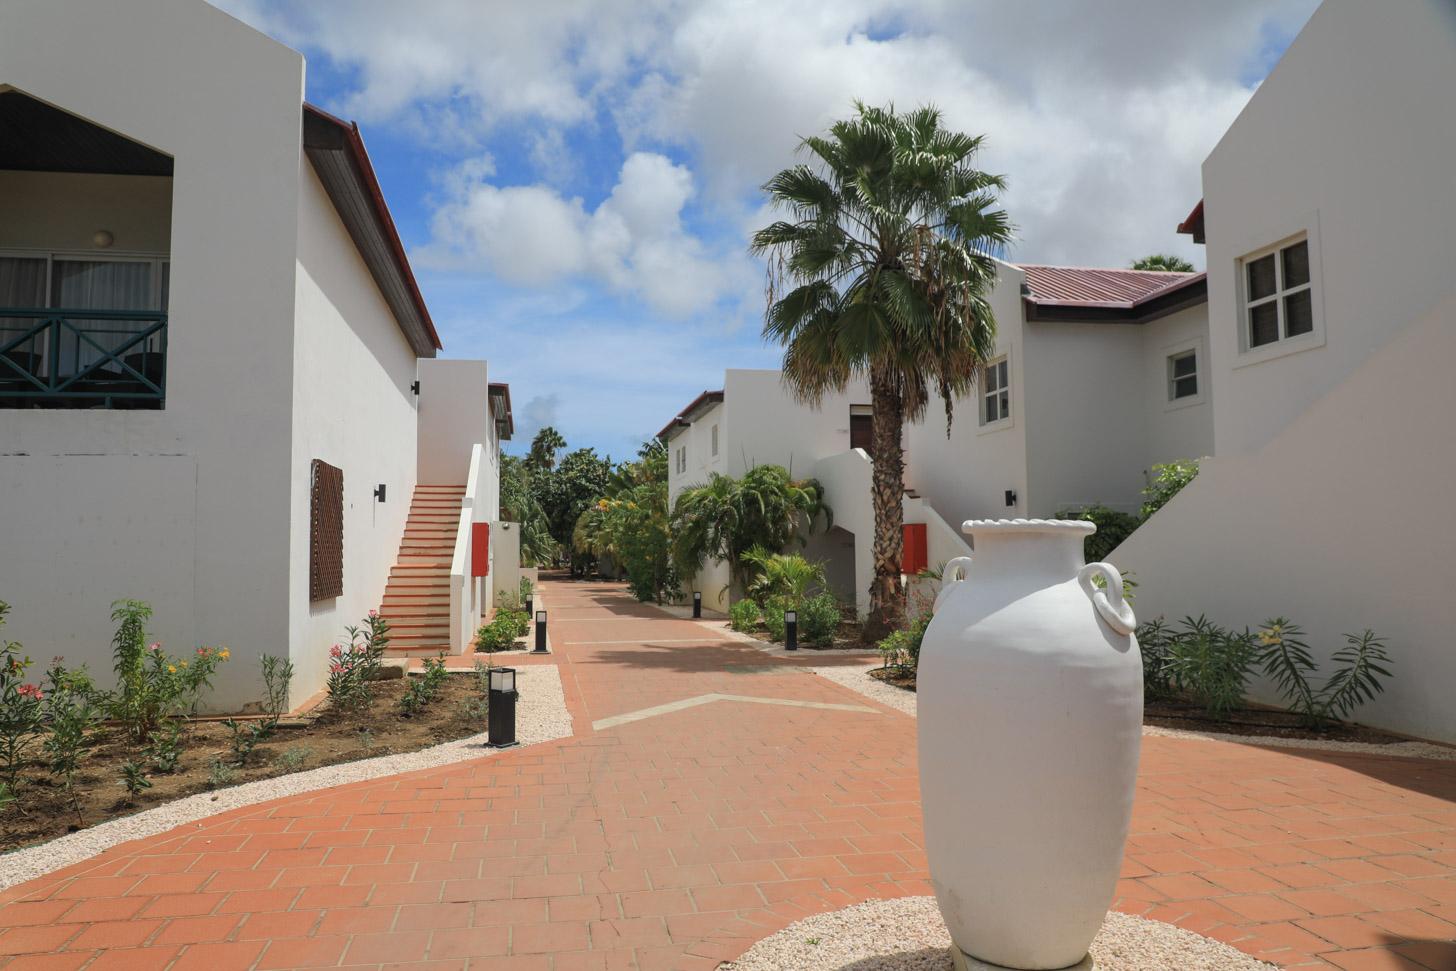 Plaza All Inclusive Beach Resort Bonaire